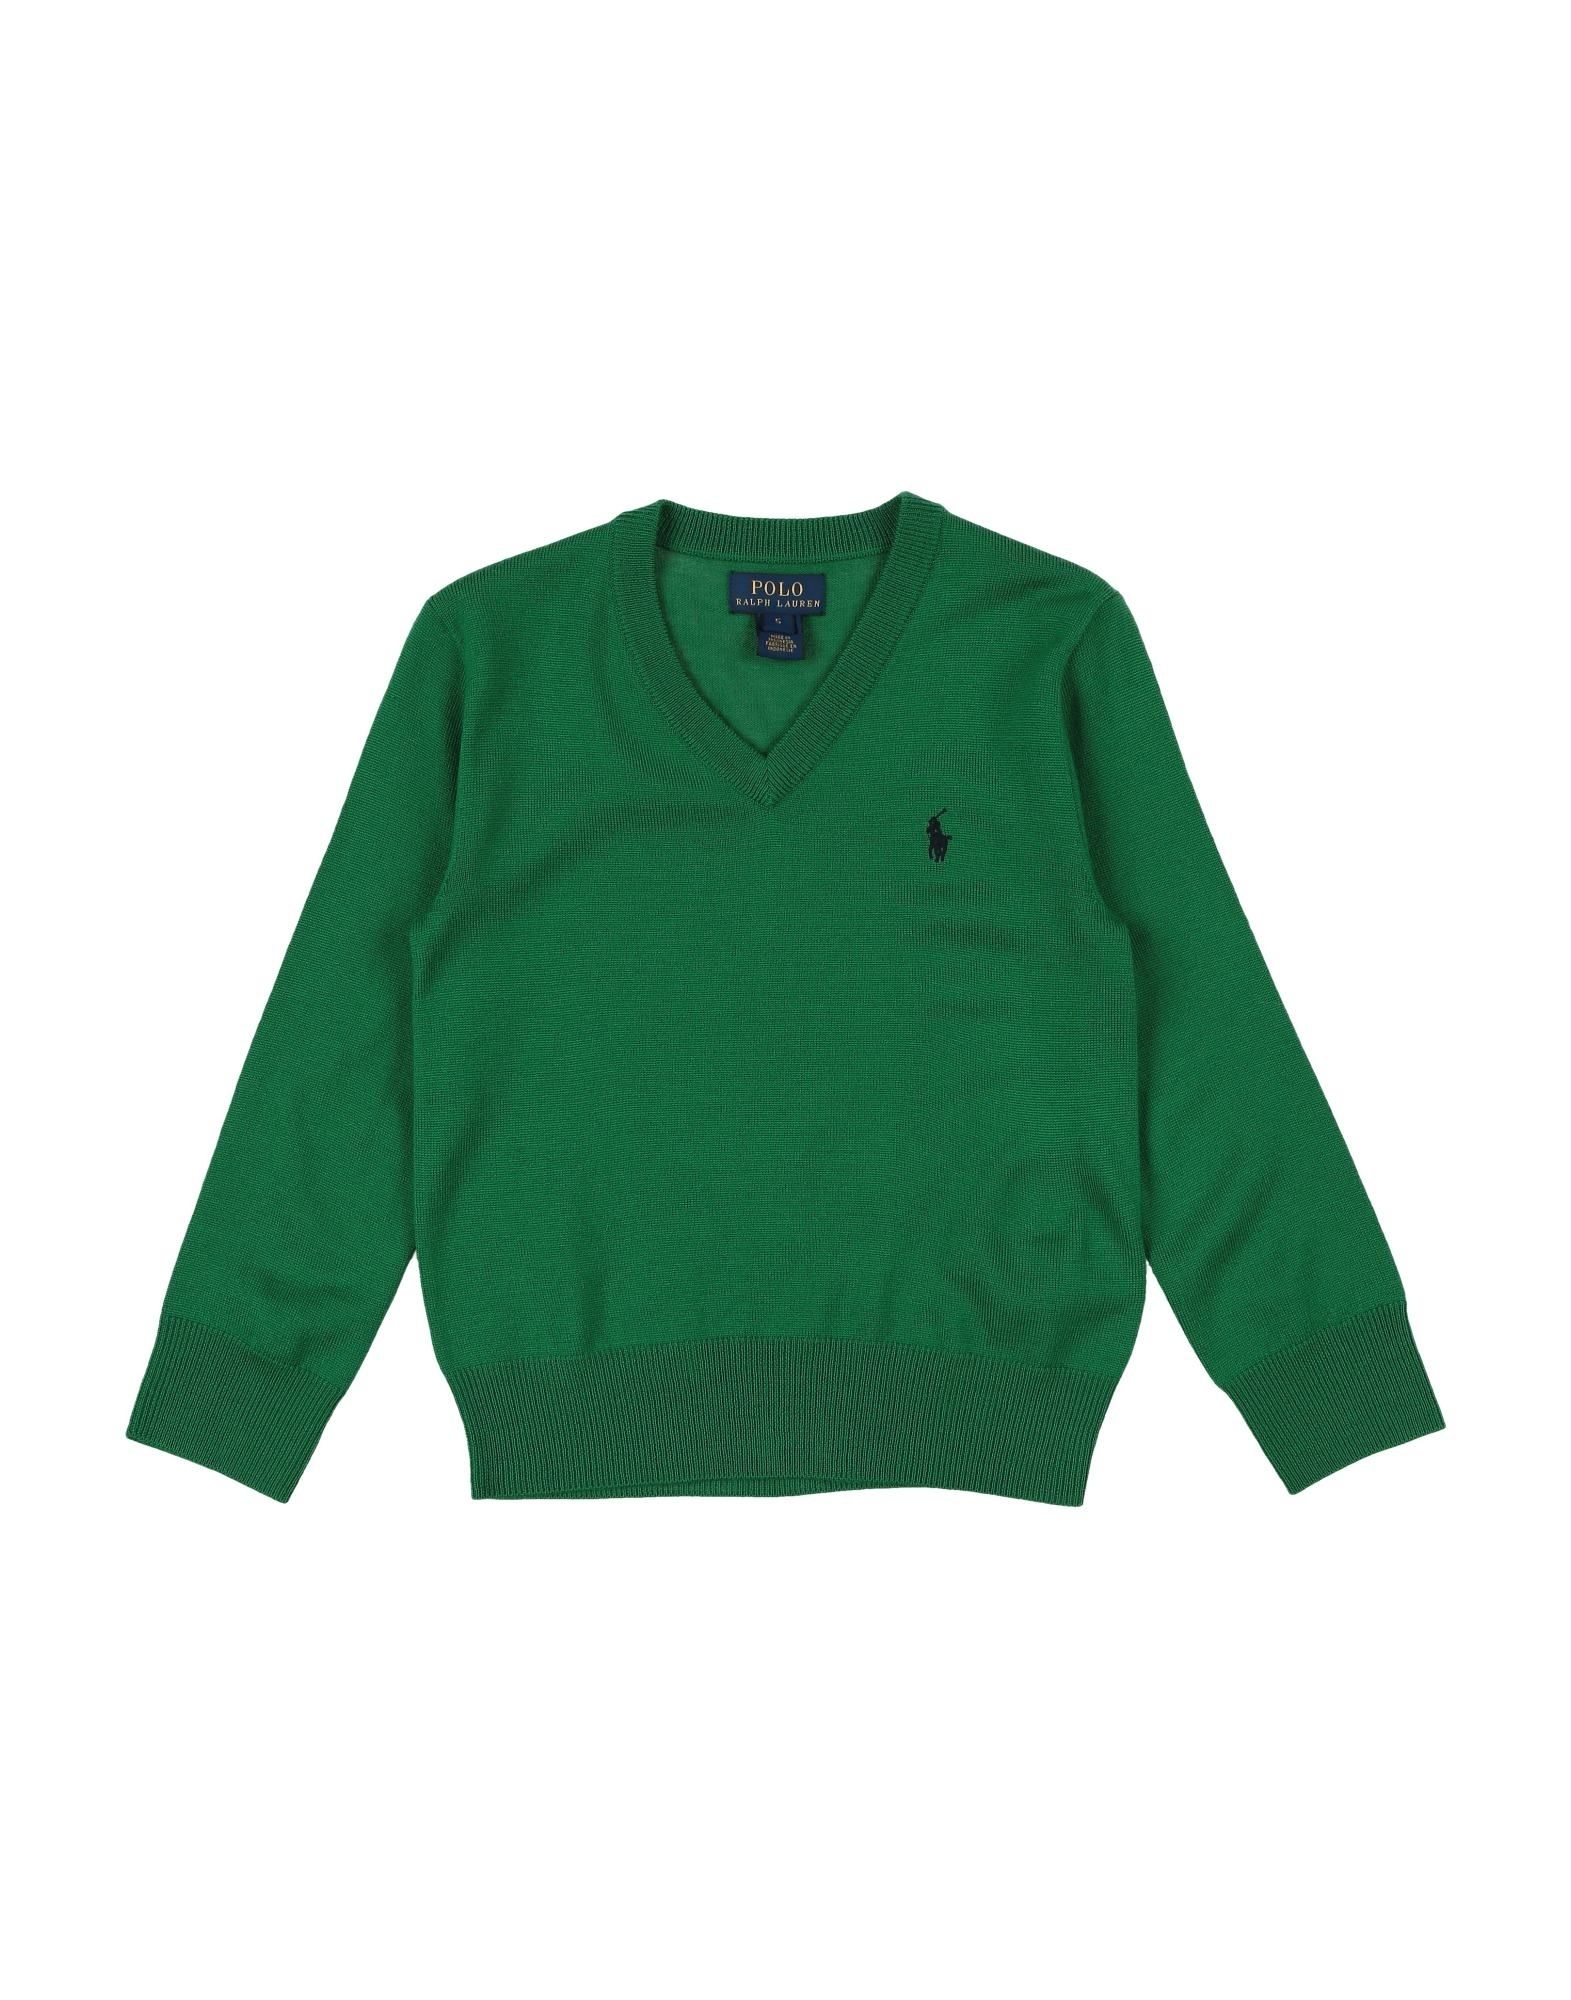 RALPH LAUREN Sweaters - Item 39963330